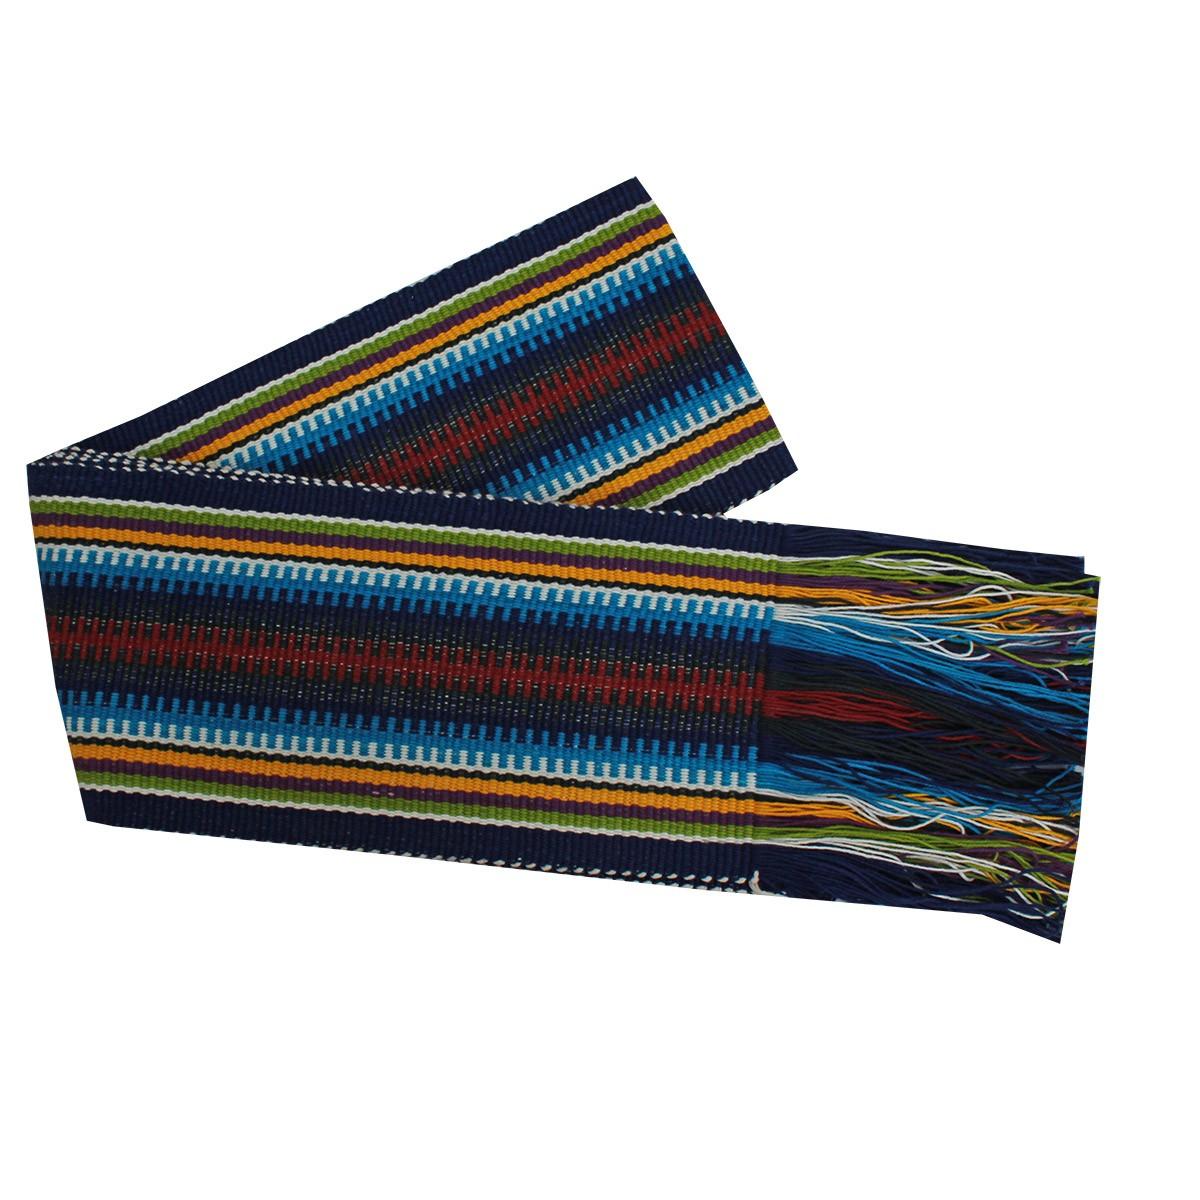 Faixa Paraguaia Boiadeira Colorida Azul